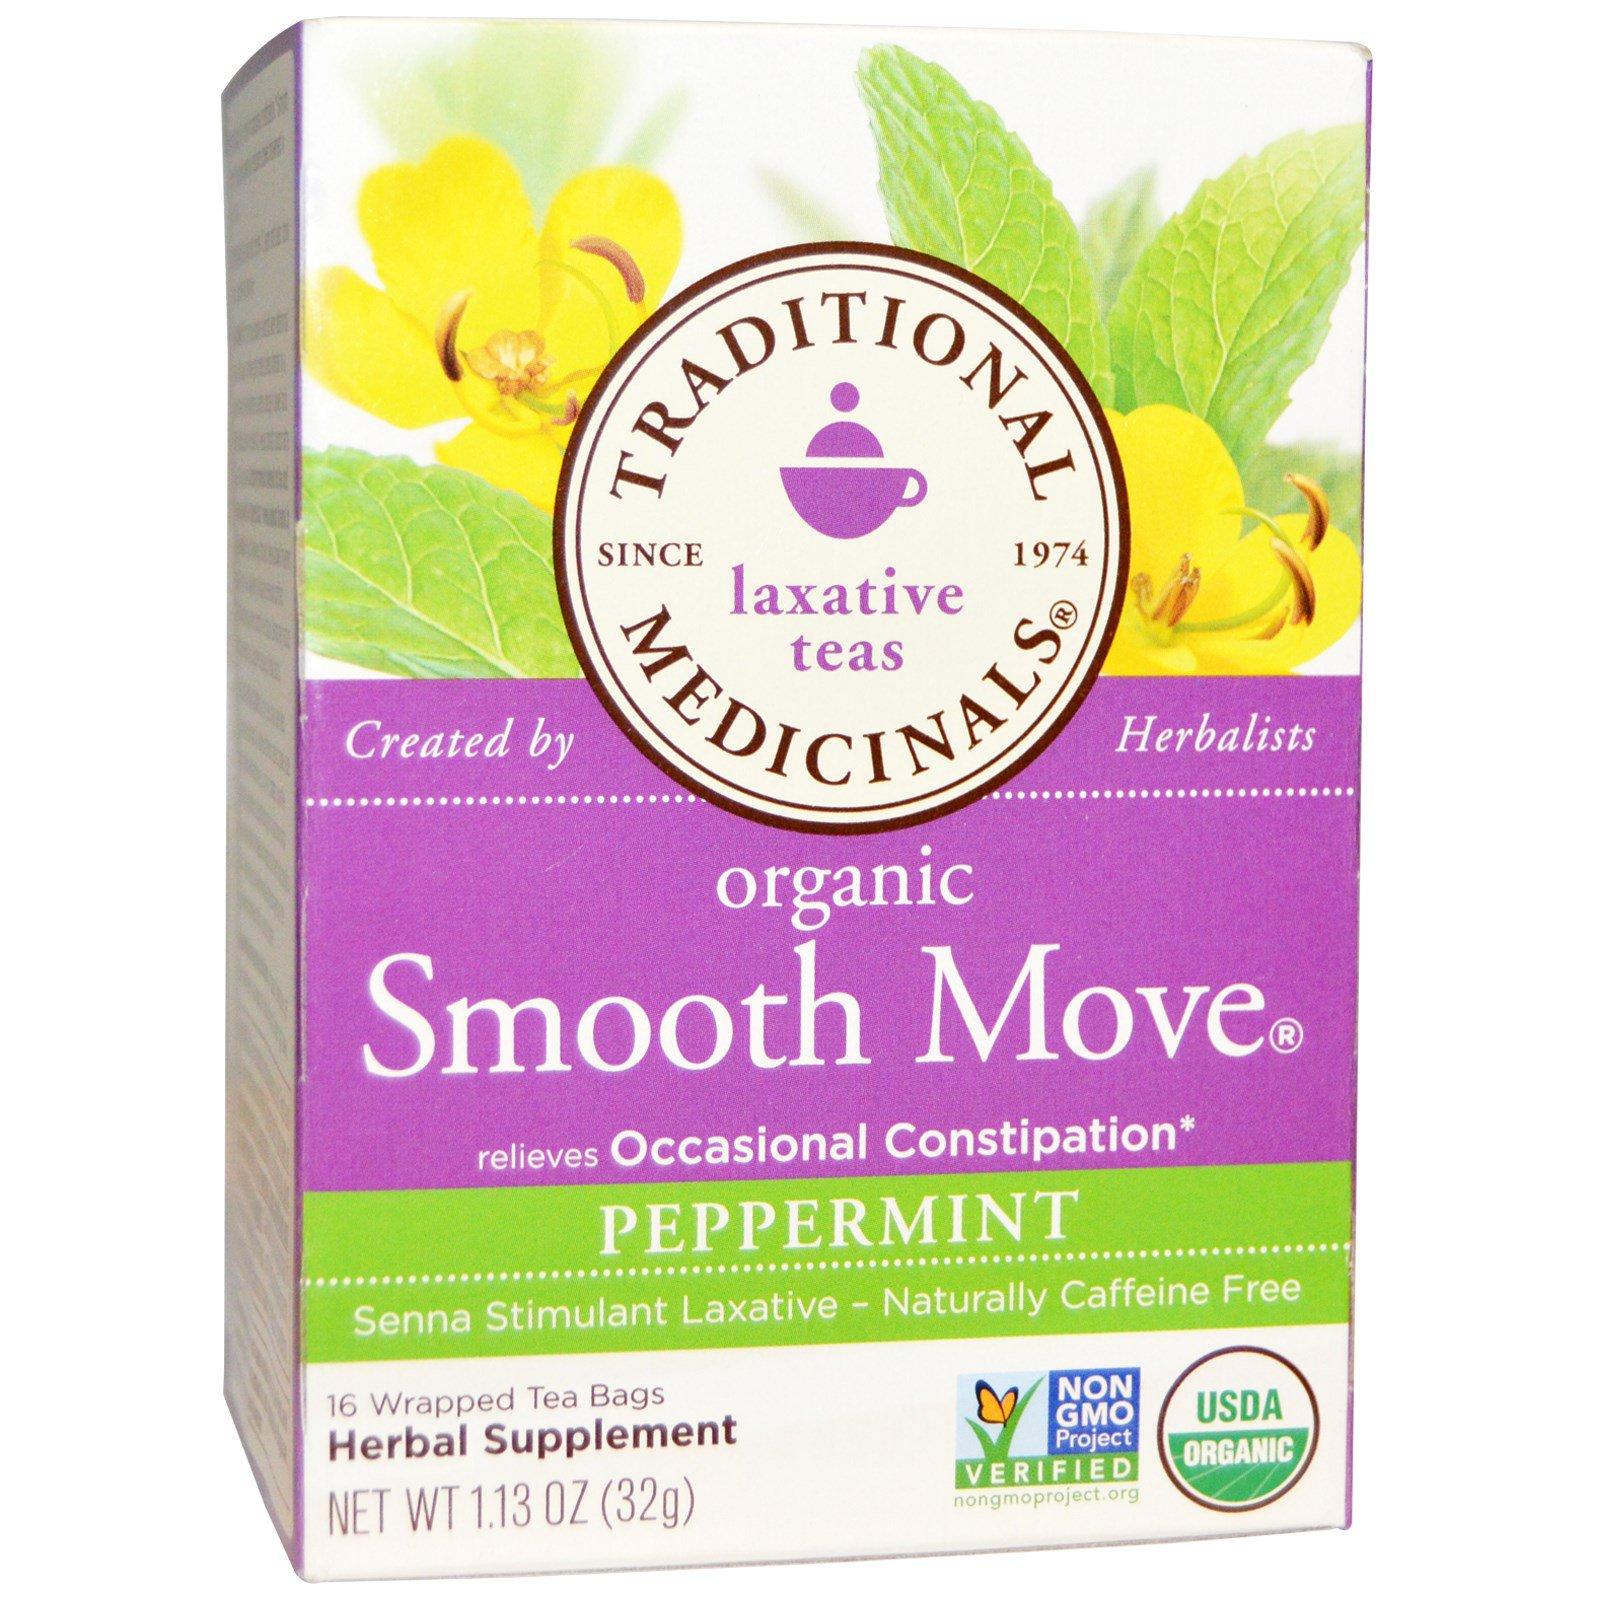 Smooth Move Tea Weight Loss Blog Dandk